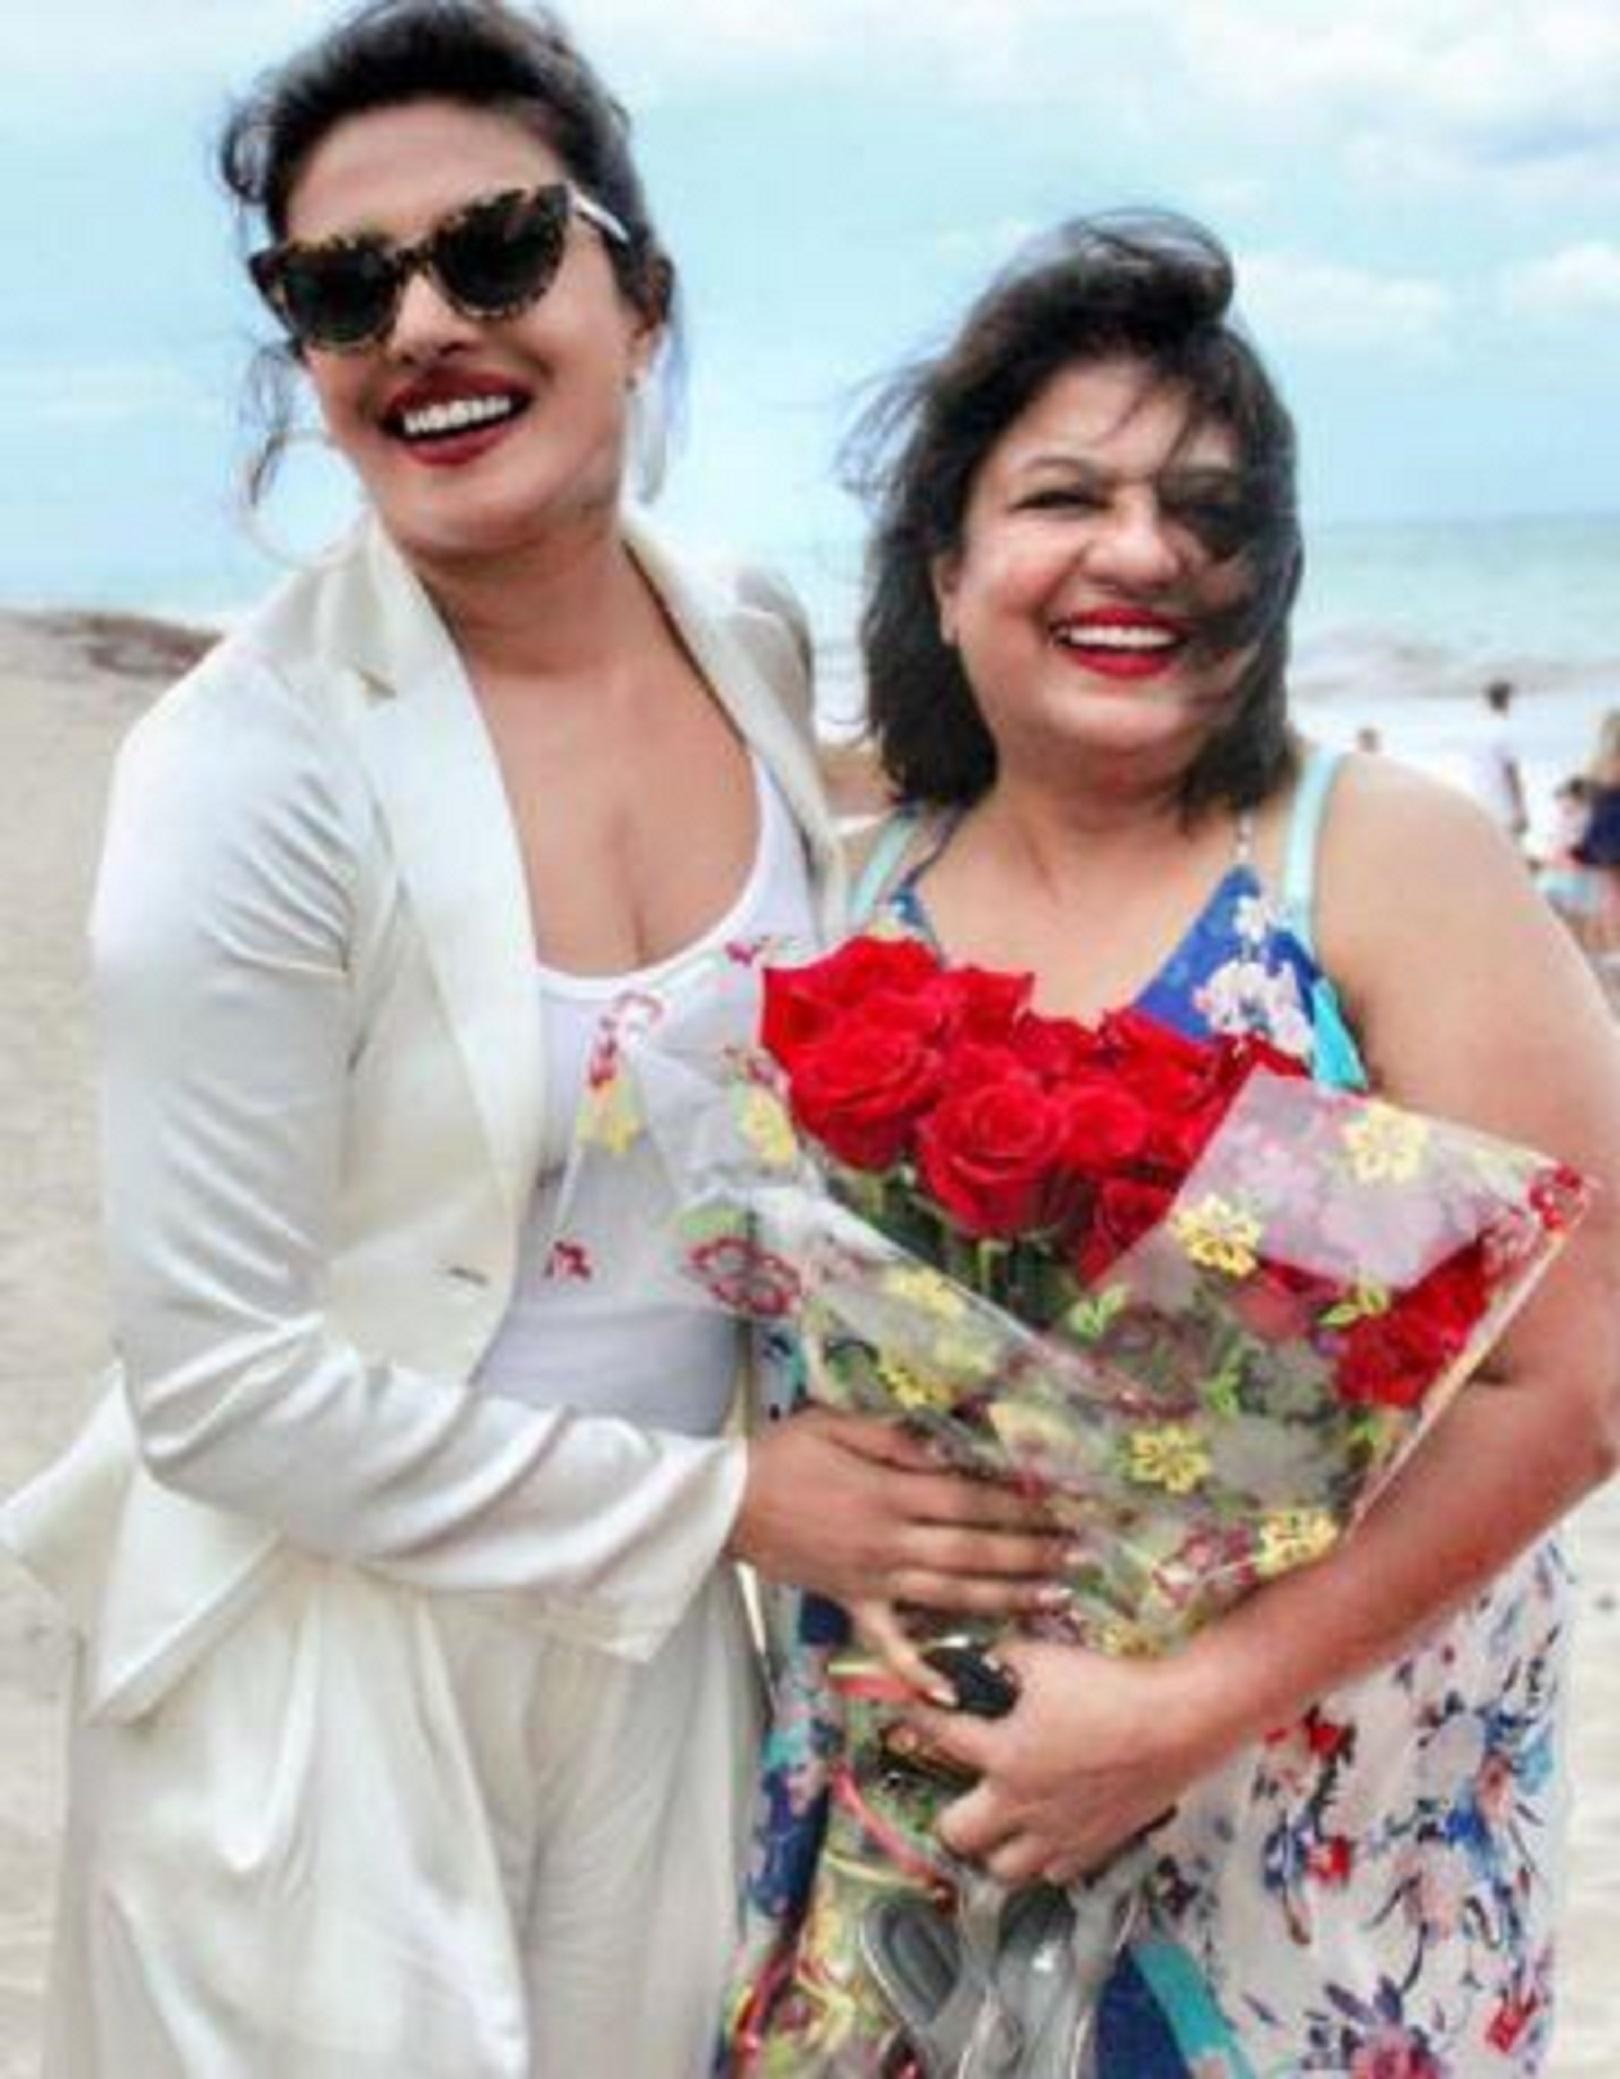 Exclusive: बचपन में इस तरह जन्मदिन मनाती थीं प्रियंका चोपड़ा, मां ने बताया बर्थडे सीक्रेट